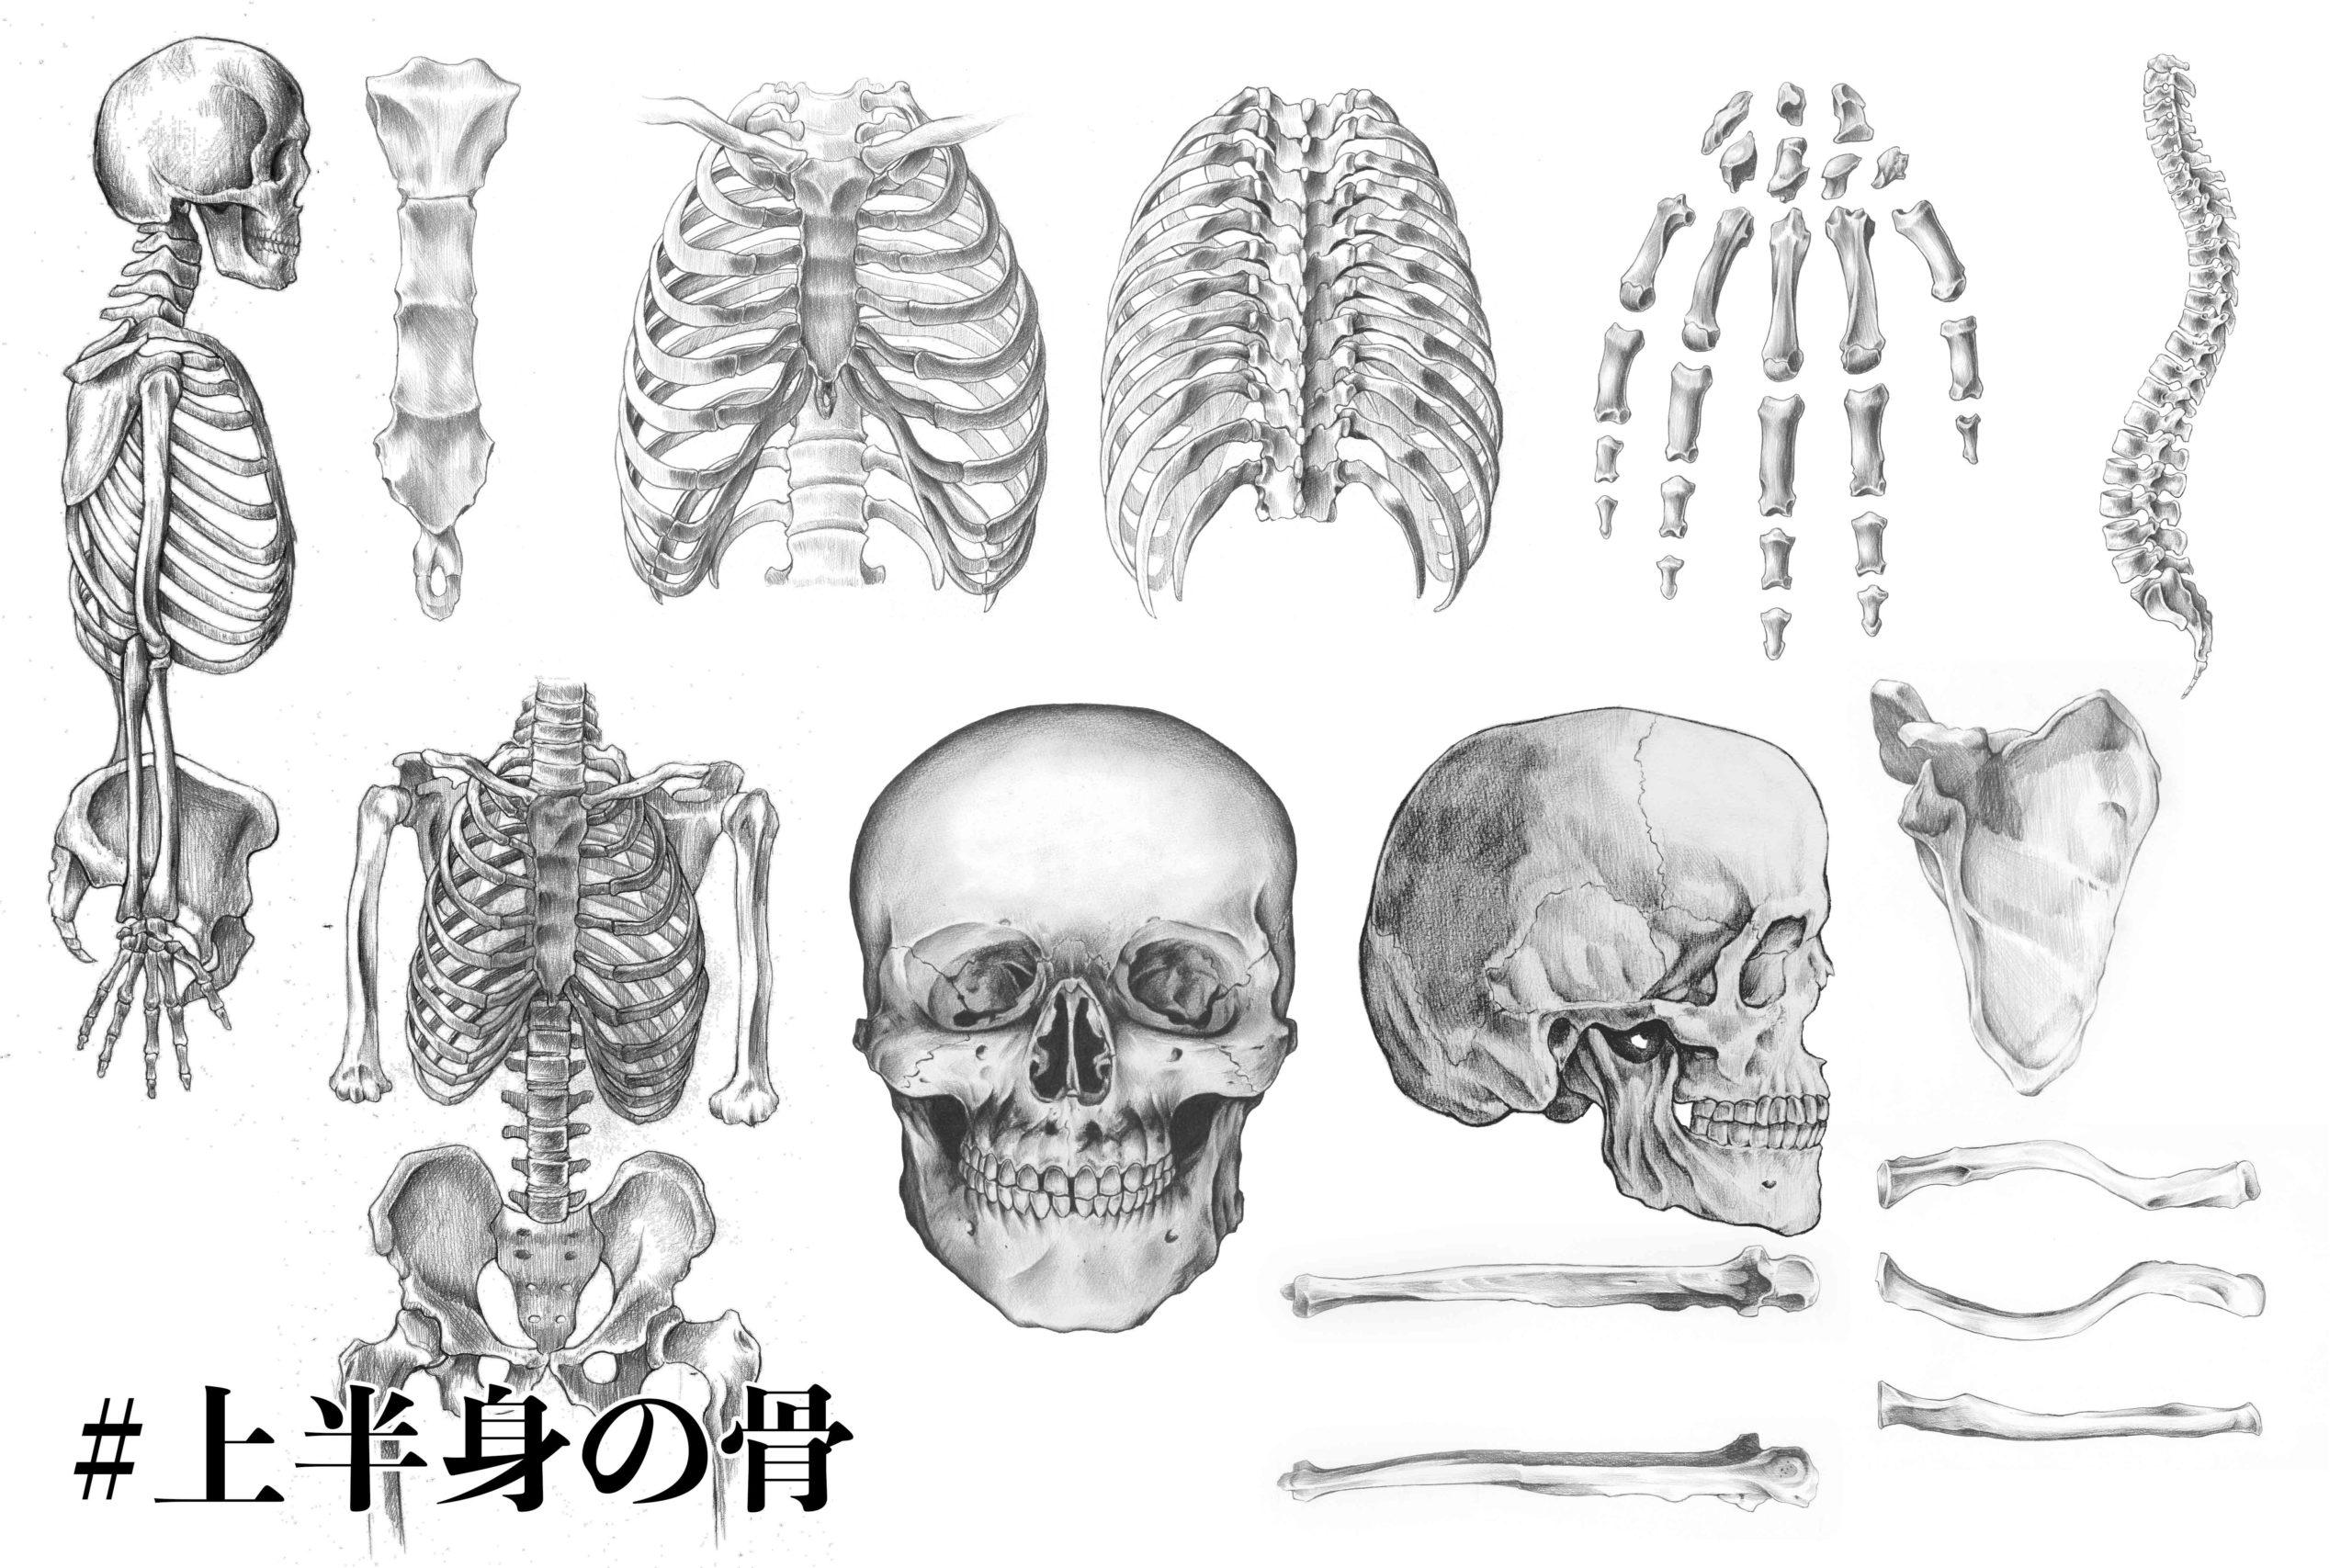 上半身の骨について